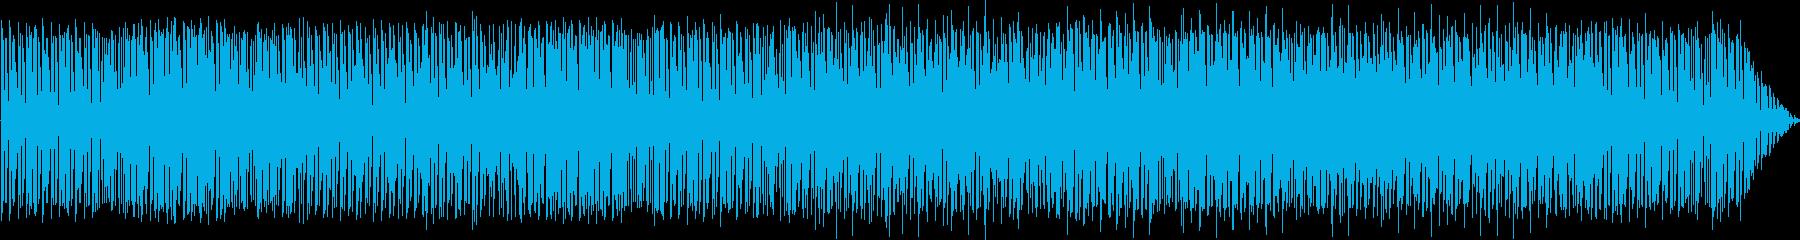 エレクトロハウス。シンセメロディー。の再生済みの波形